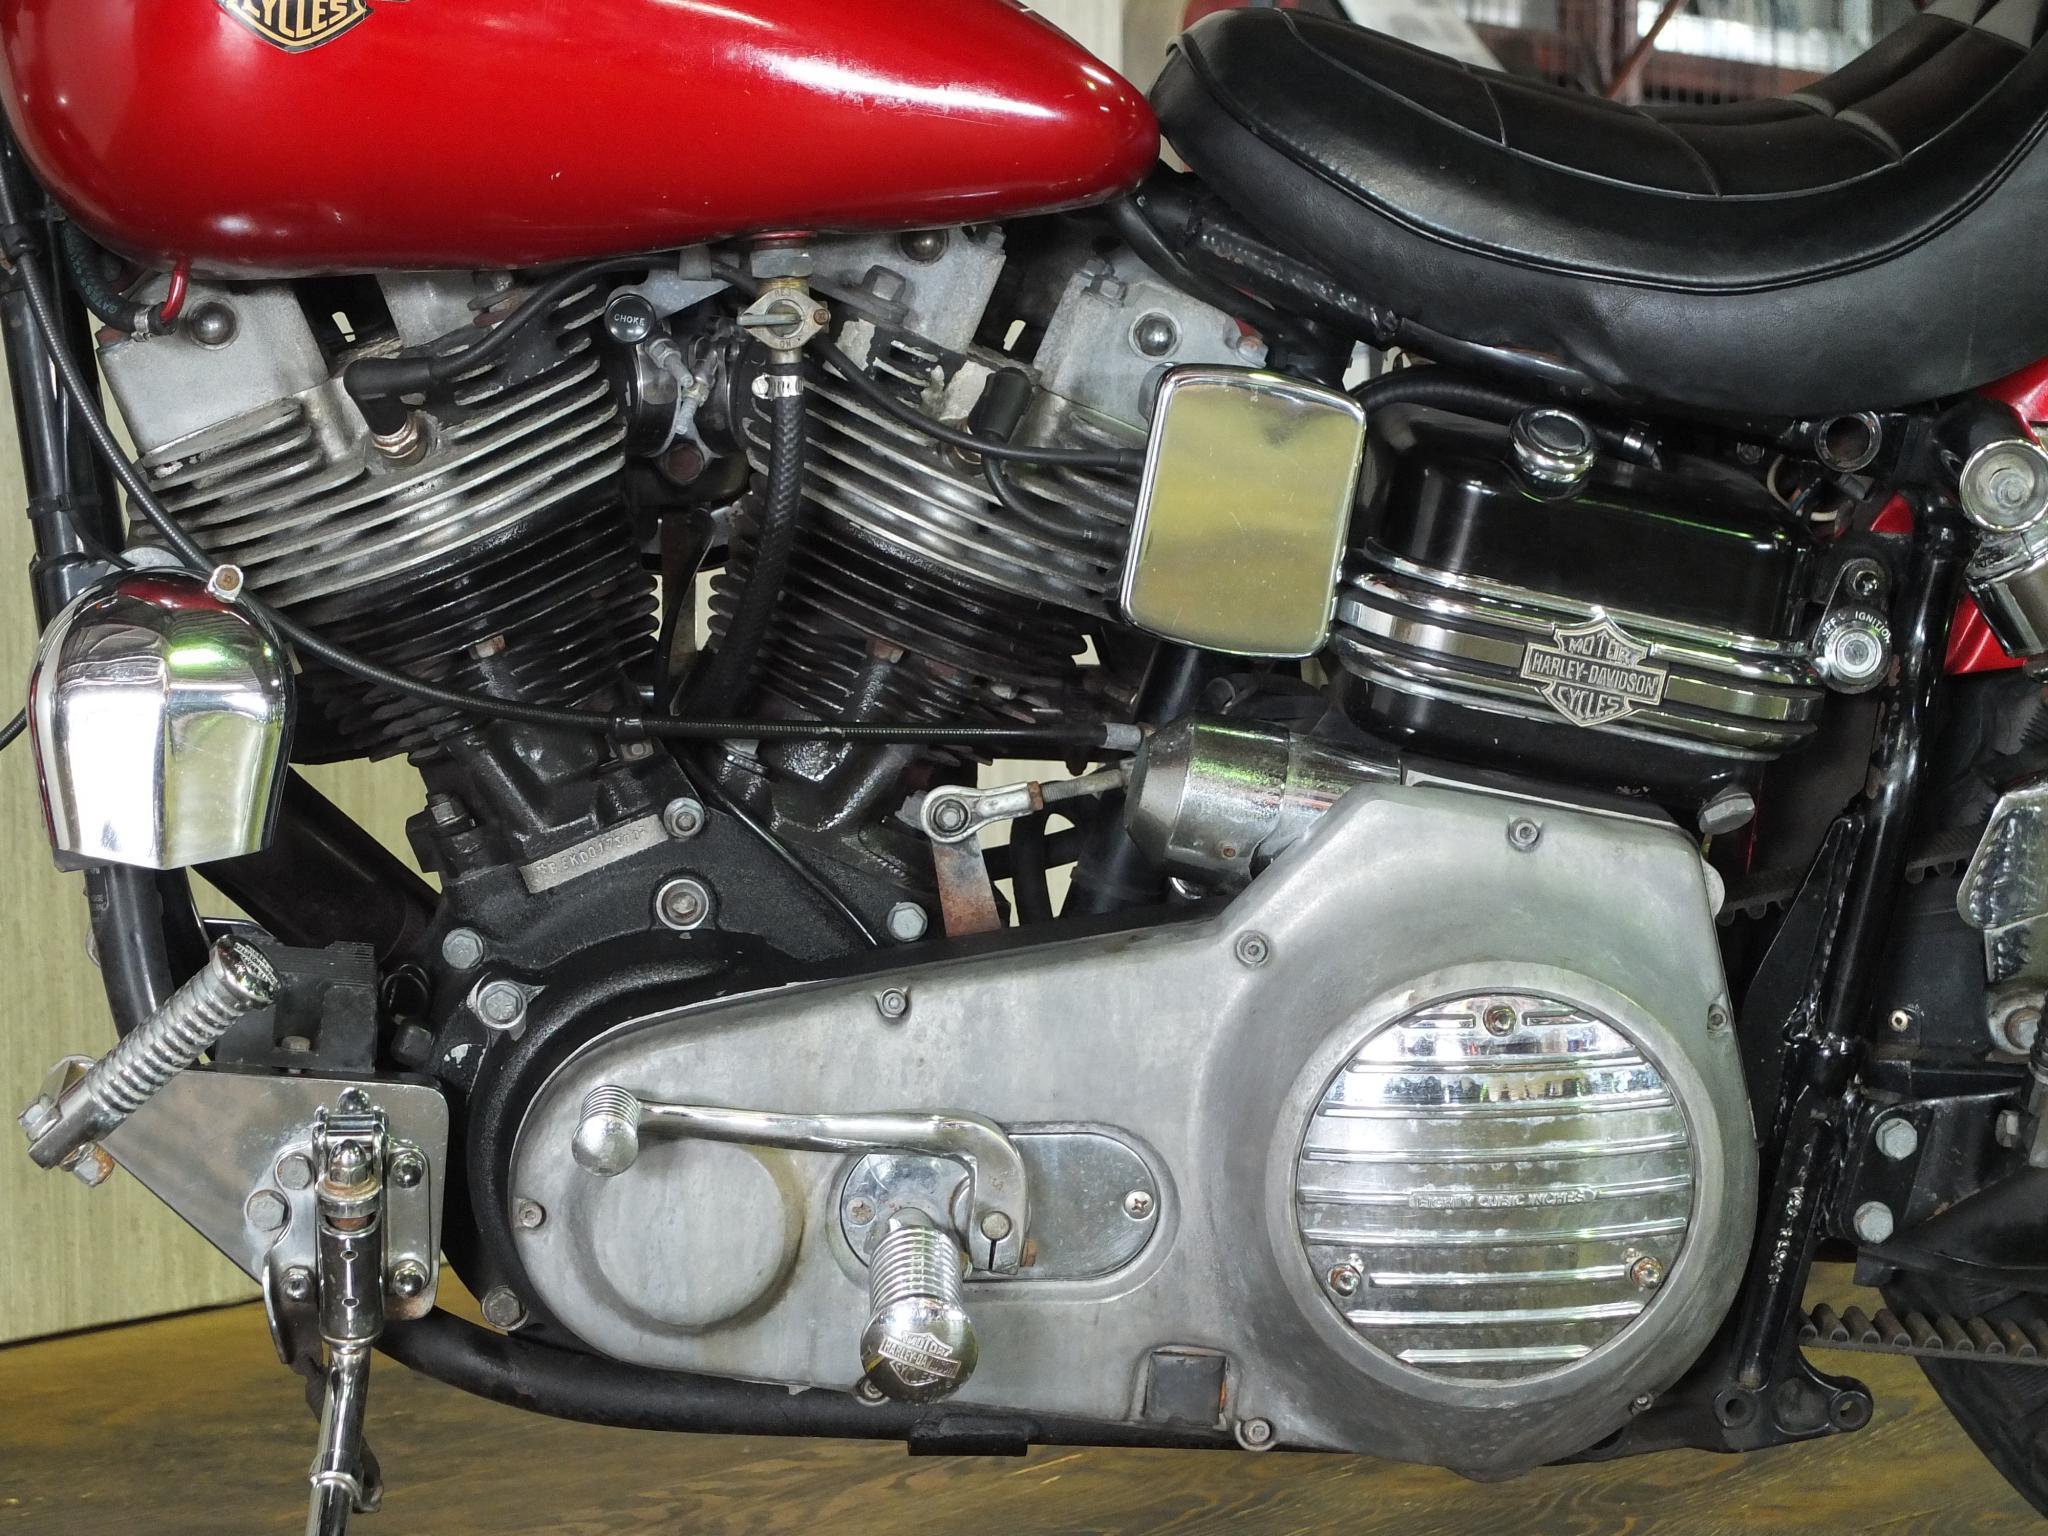 ハーレーダビッドソン 1983 FXSB Low Rider 車体写真8